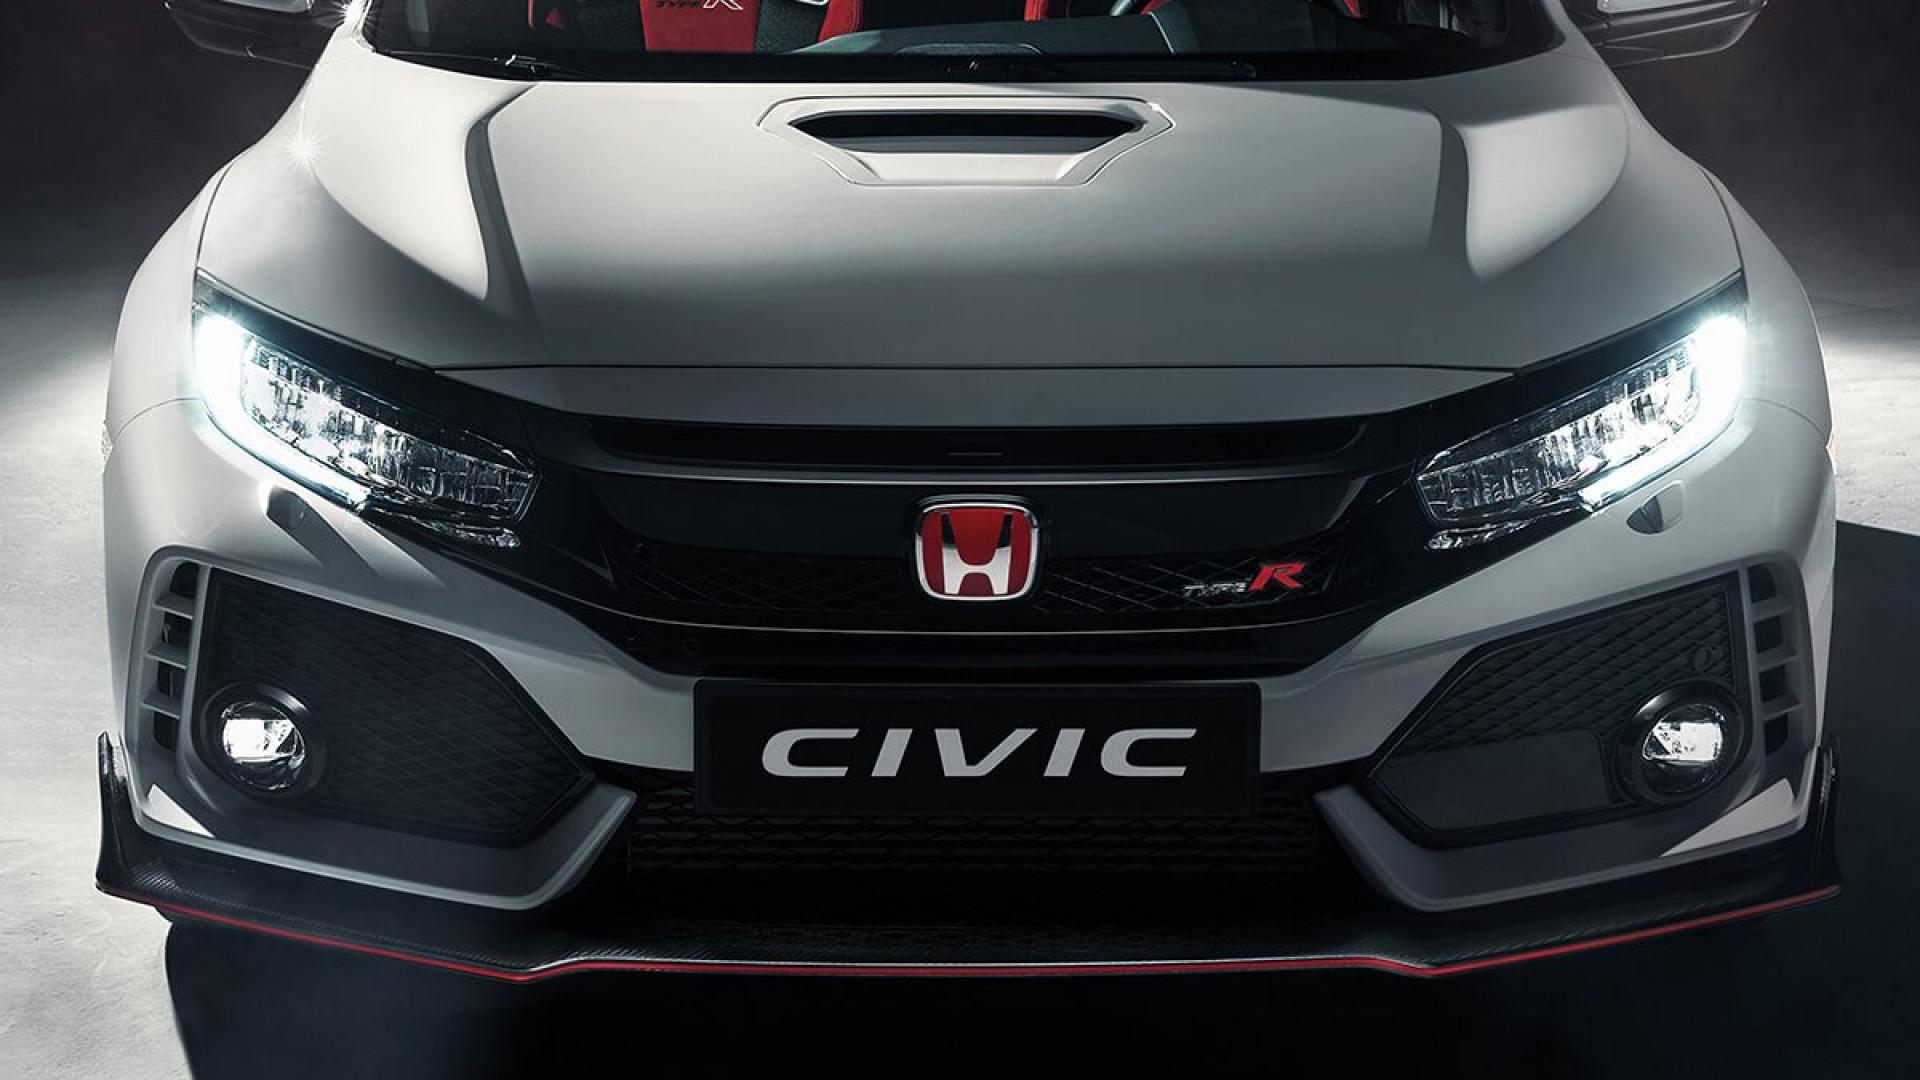 É fã de Honda Civic? Então este desafio é para si